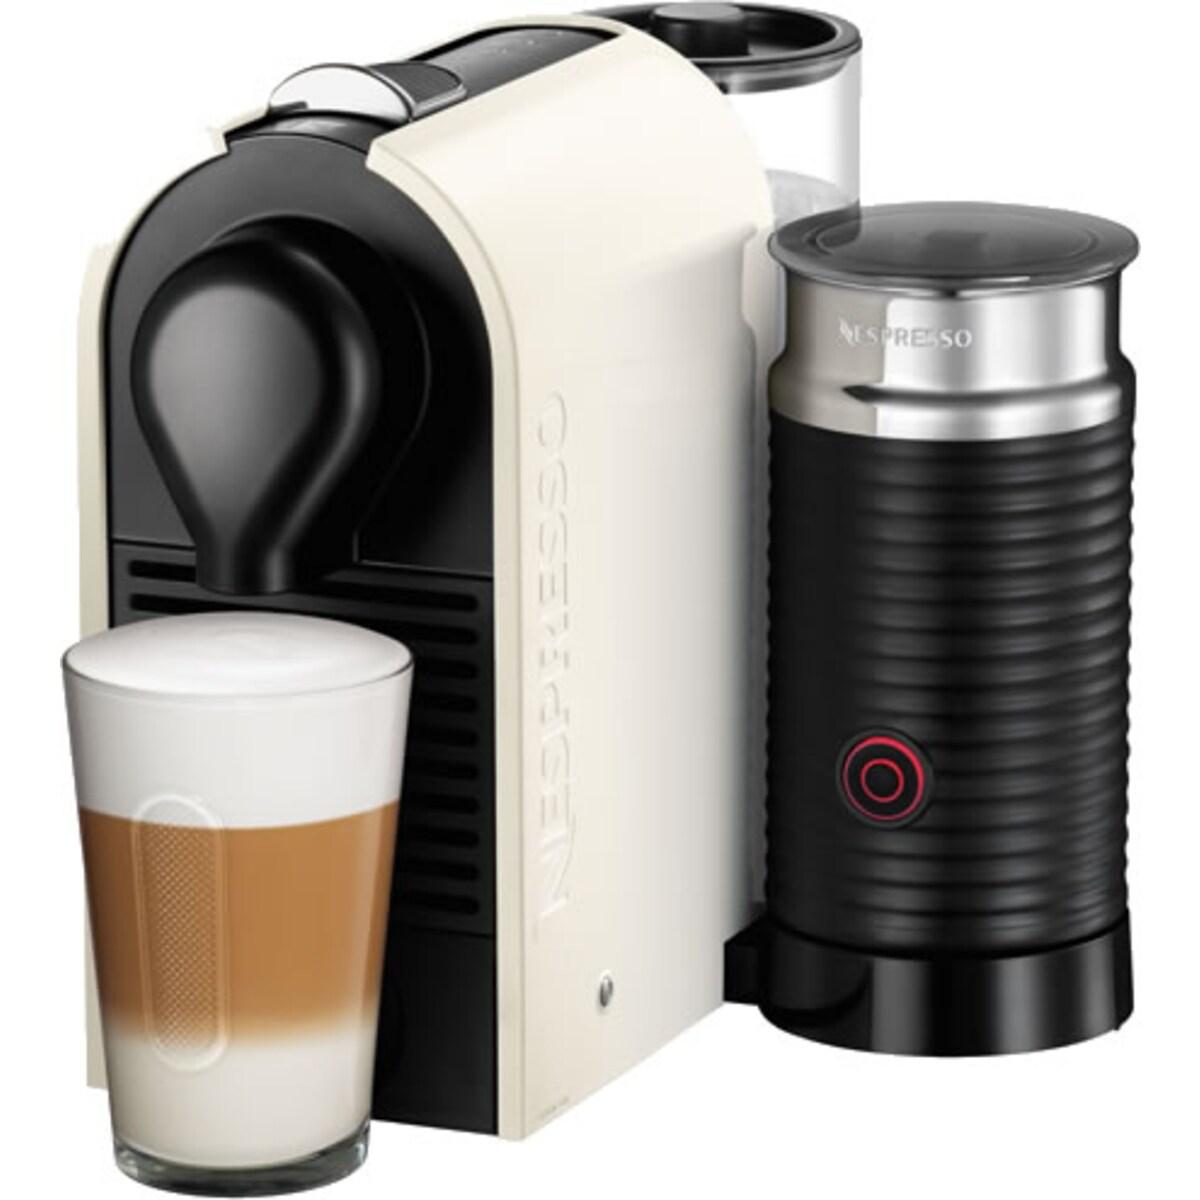 Nespresso U XN 2601 със система за мляко